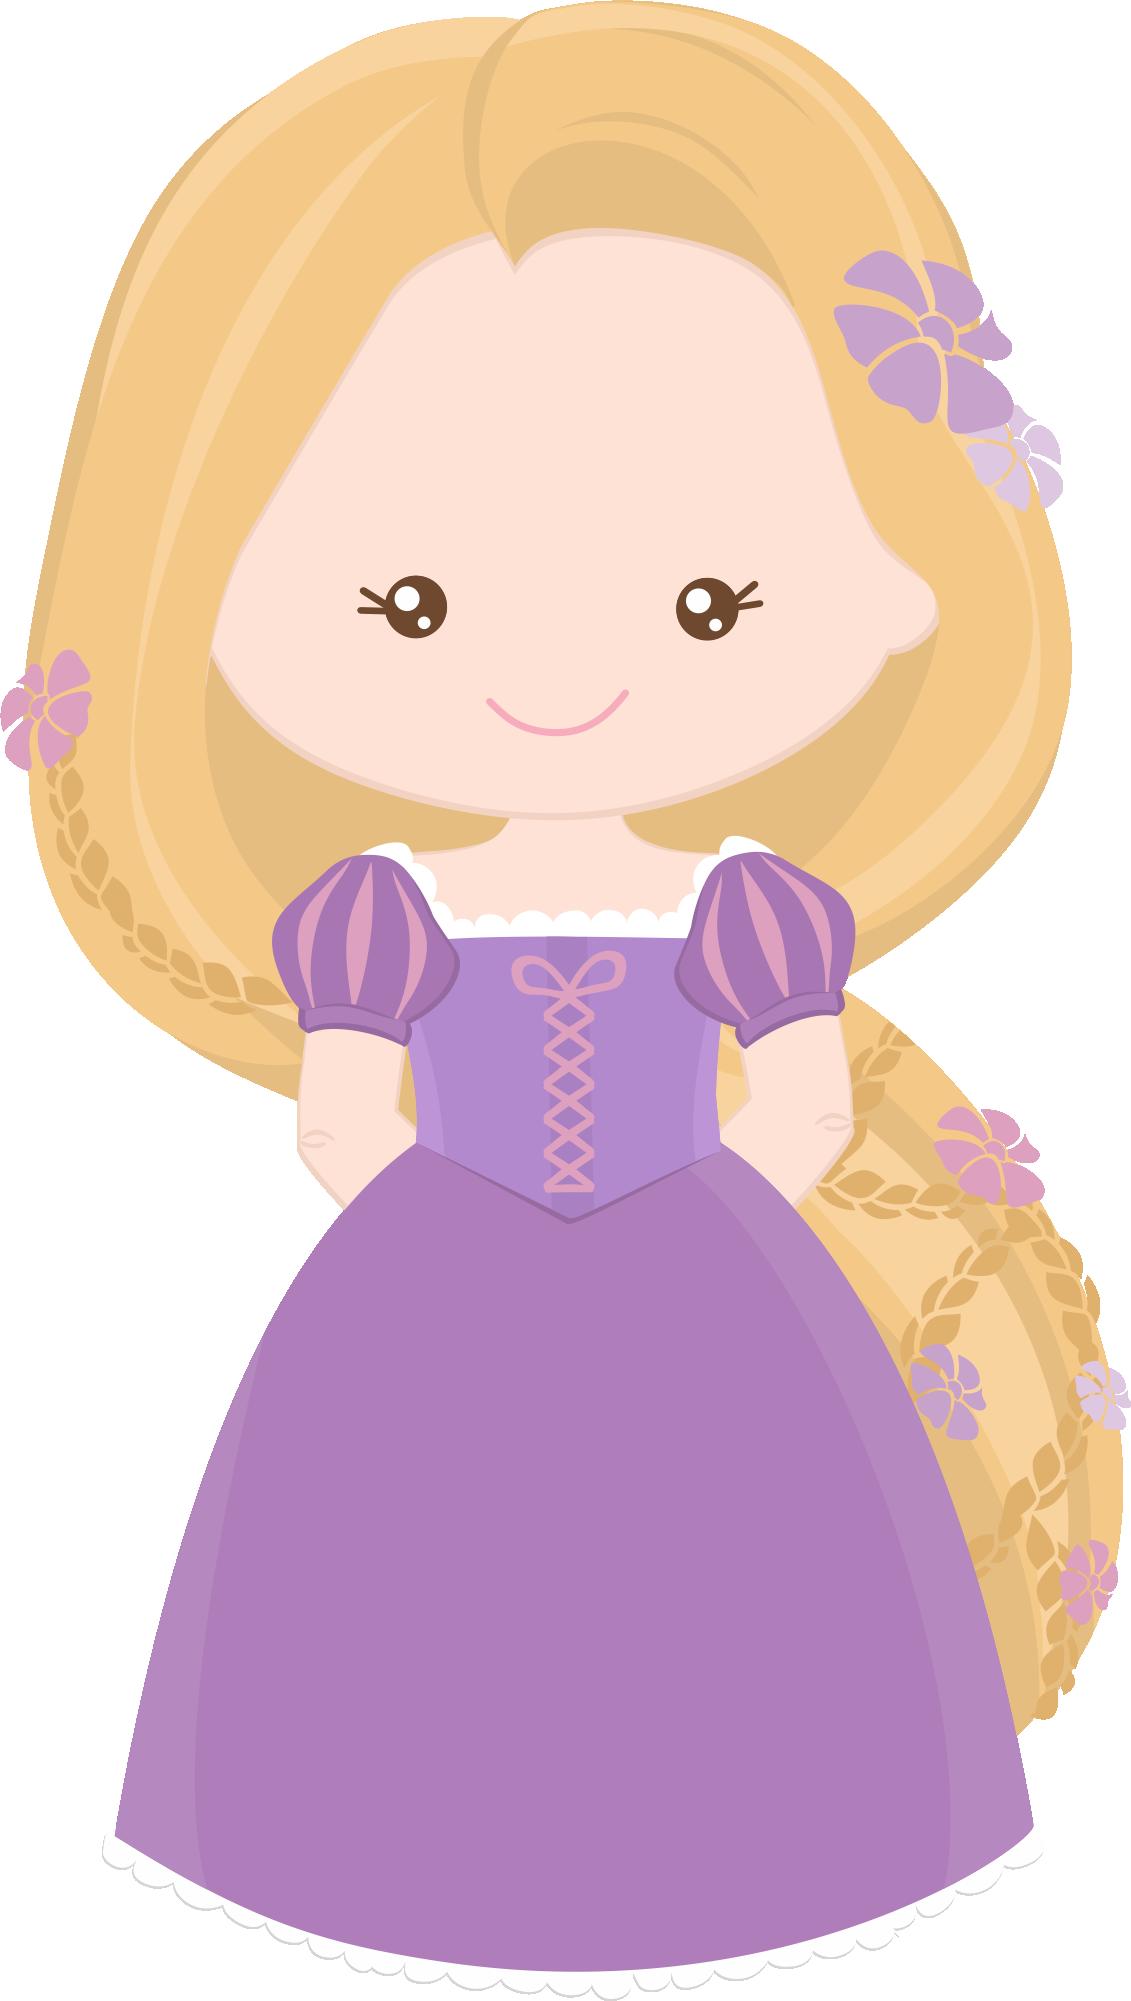 Little Princess 1 e 2-Grafos - grafos-littleprincess2.png - Minus